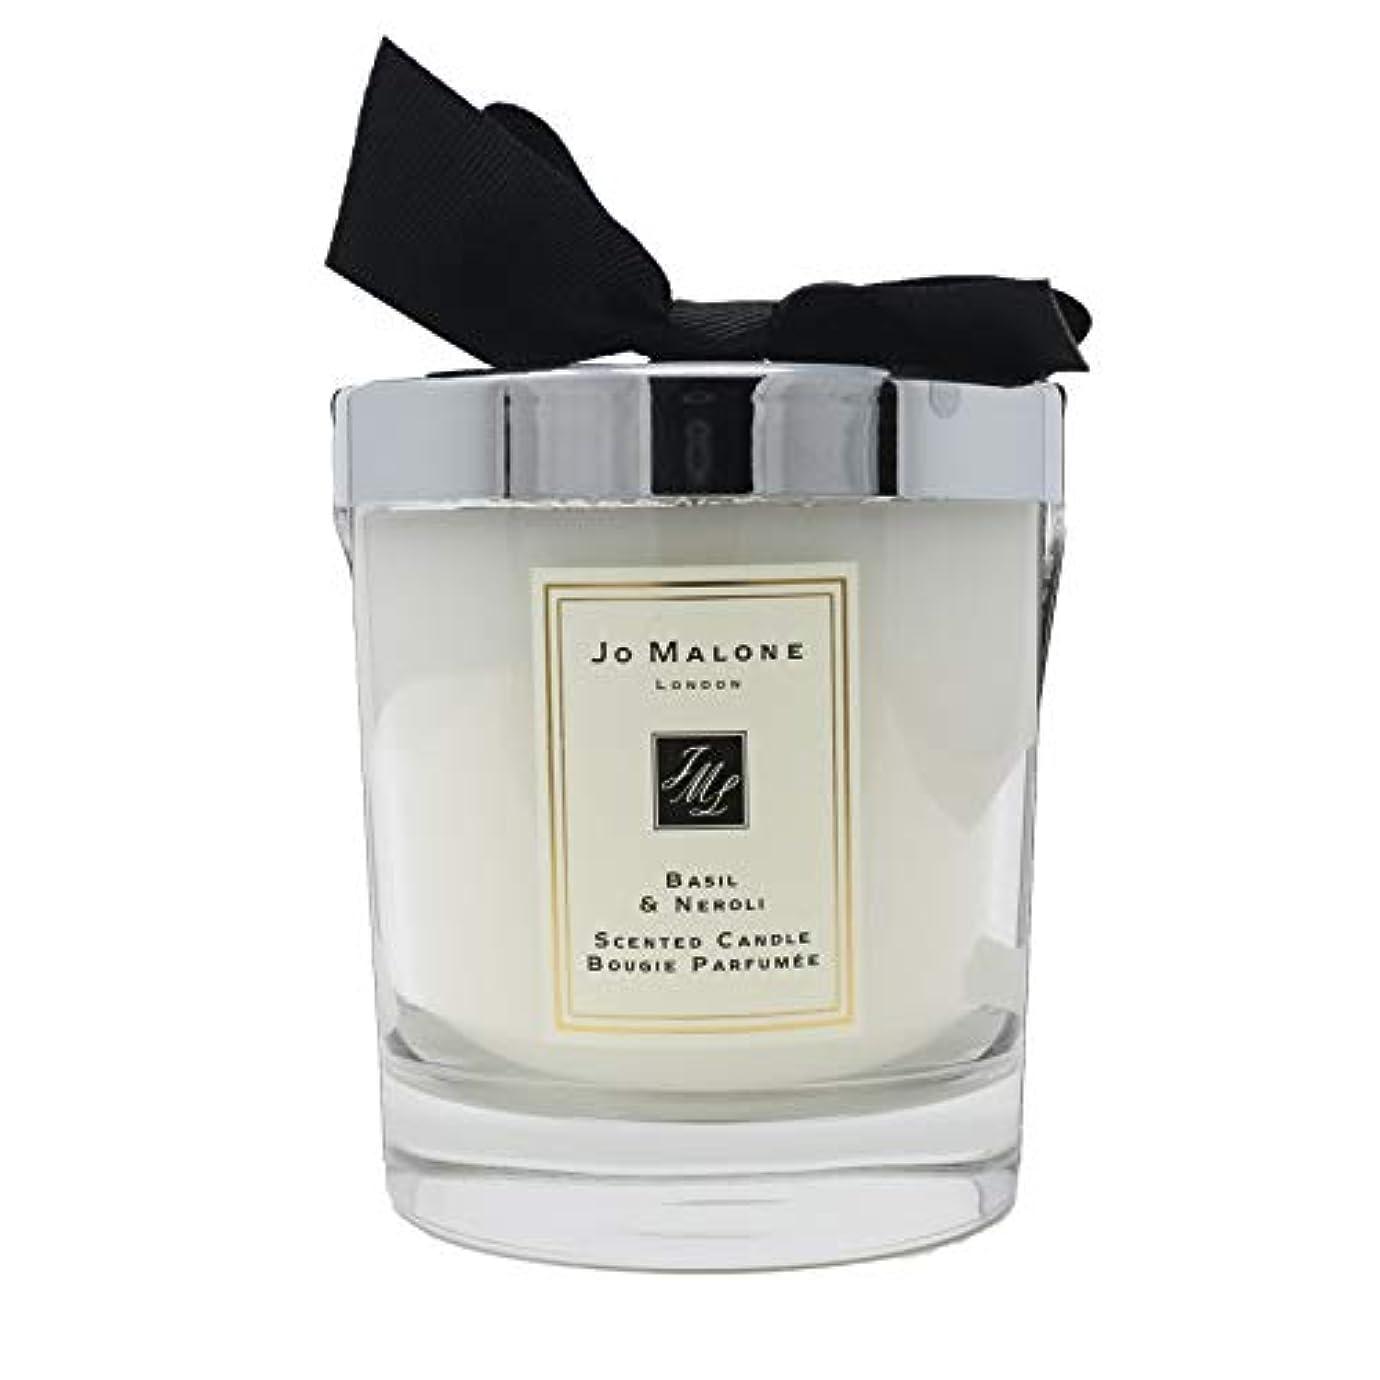 過激派行商デイジーJo Malone Basil &ネロリScented Candle 200 g ( 2.5インチ)